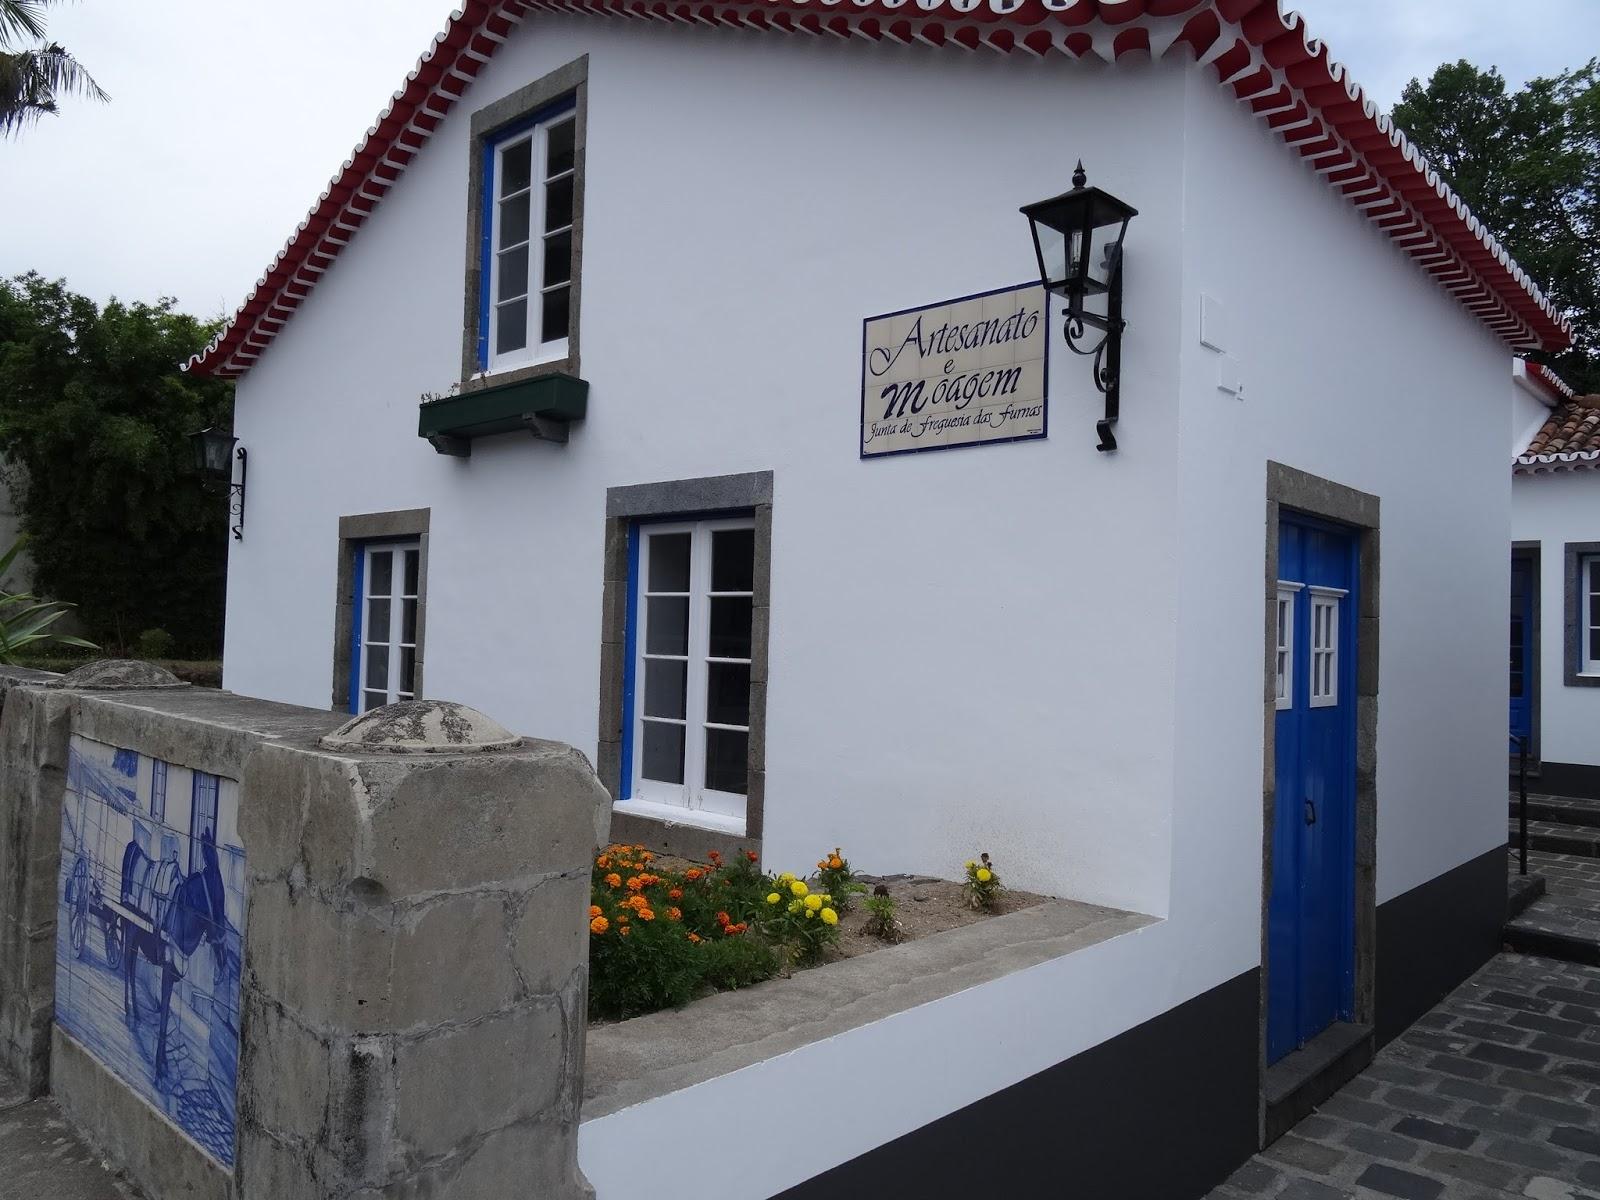 Kit Armario Cultivo Interior ~ Let me show you Azores Casa de Artesanato e Moagem, Furnas, S u00e3o Miguel